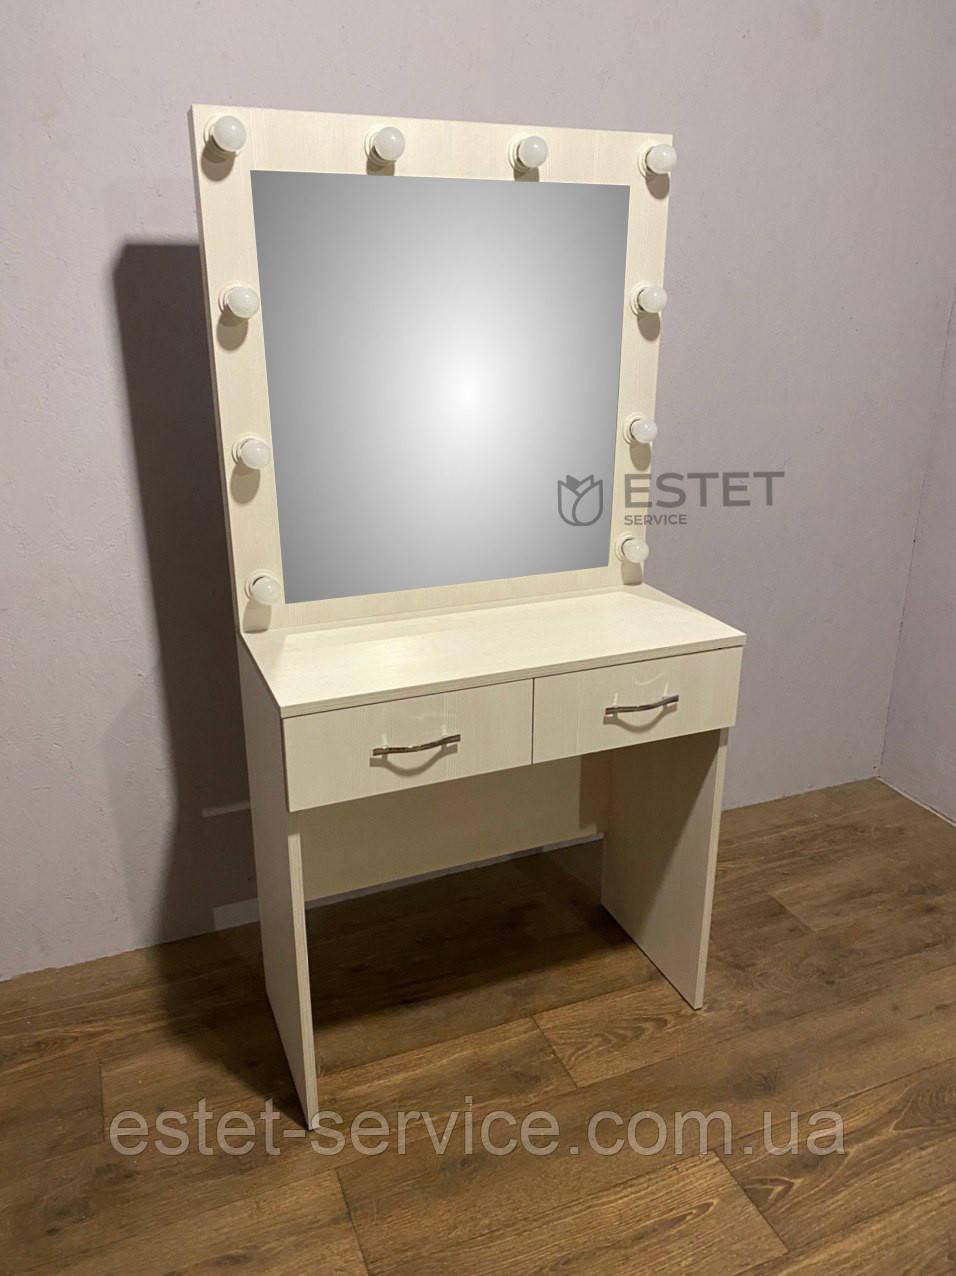 Визажный стол М612 с подсветкой вокруг зеркала на два ящика